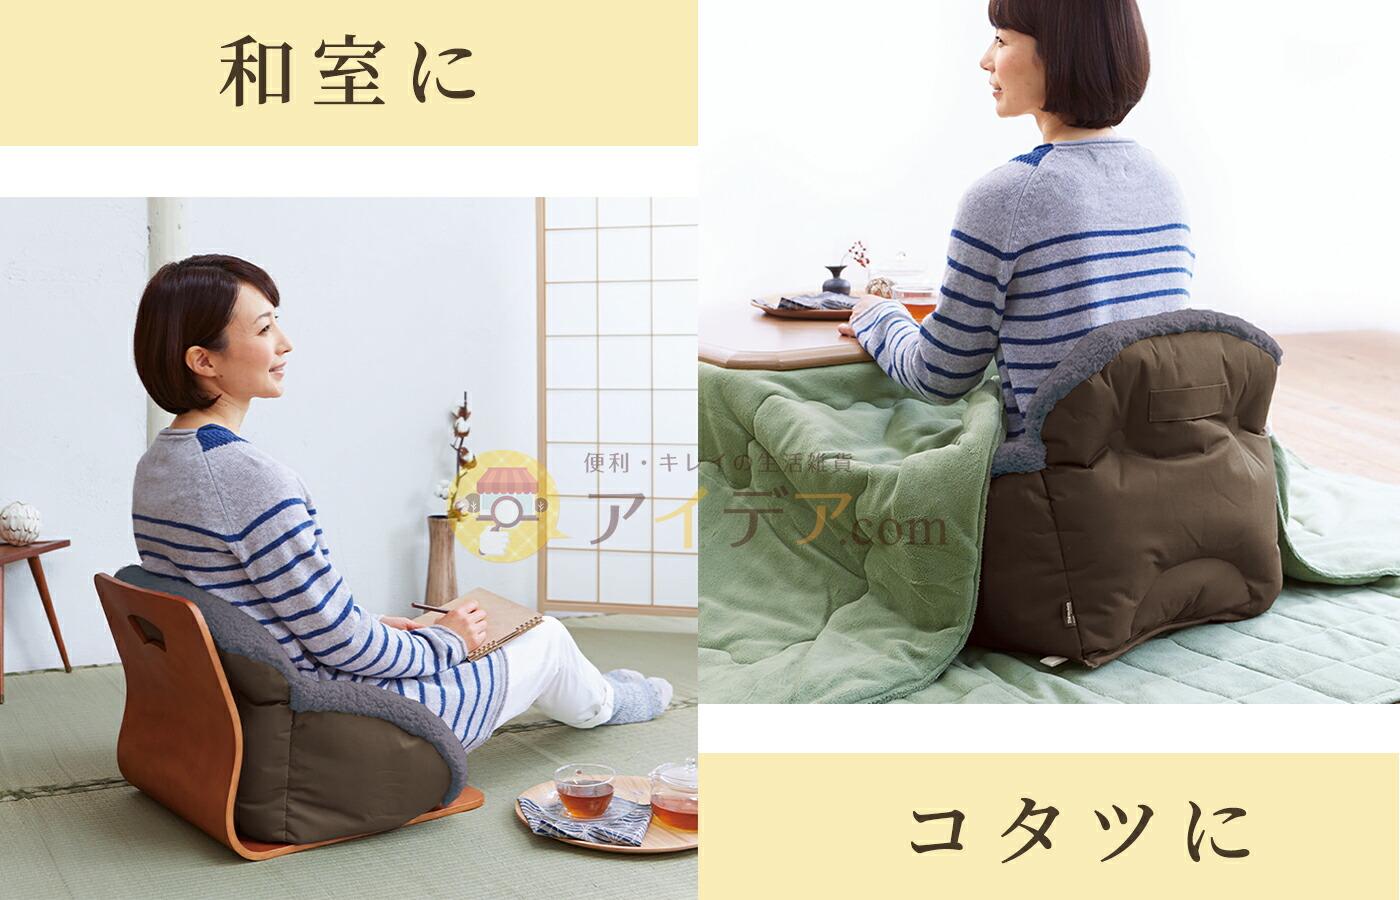 腰楽すっぽり座れる毛布 チャコールグレー:和室に・コタツに